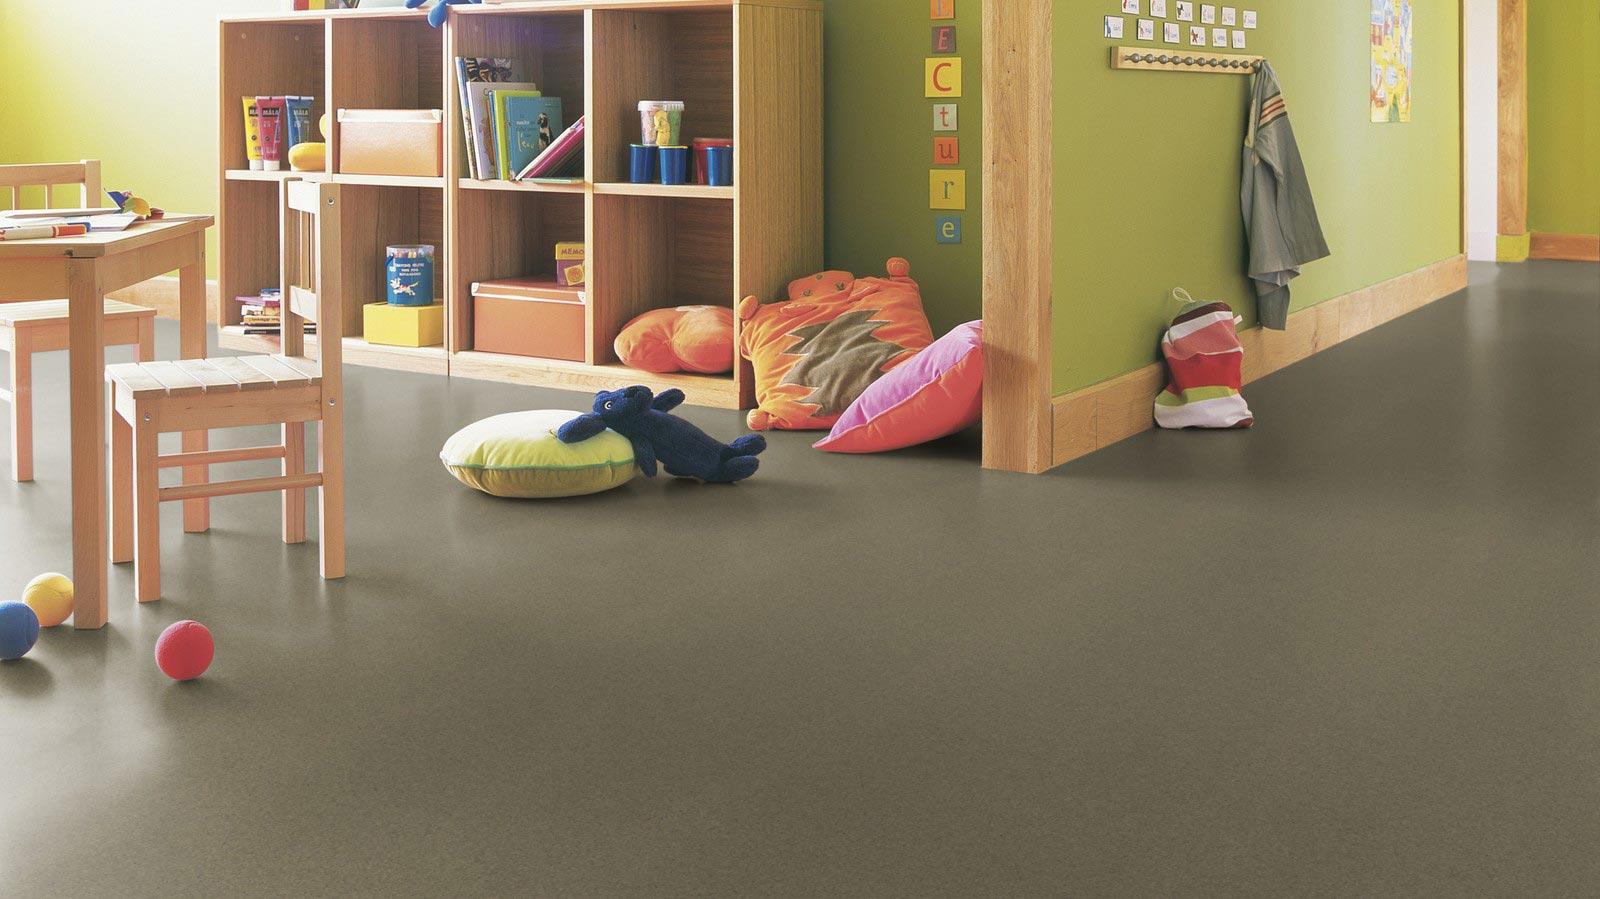 PVC Vloer voor kinderdagverblijven - PVC projectvloeren